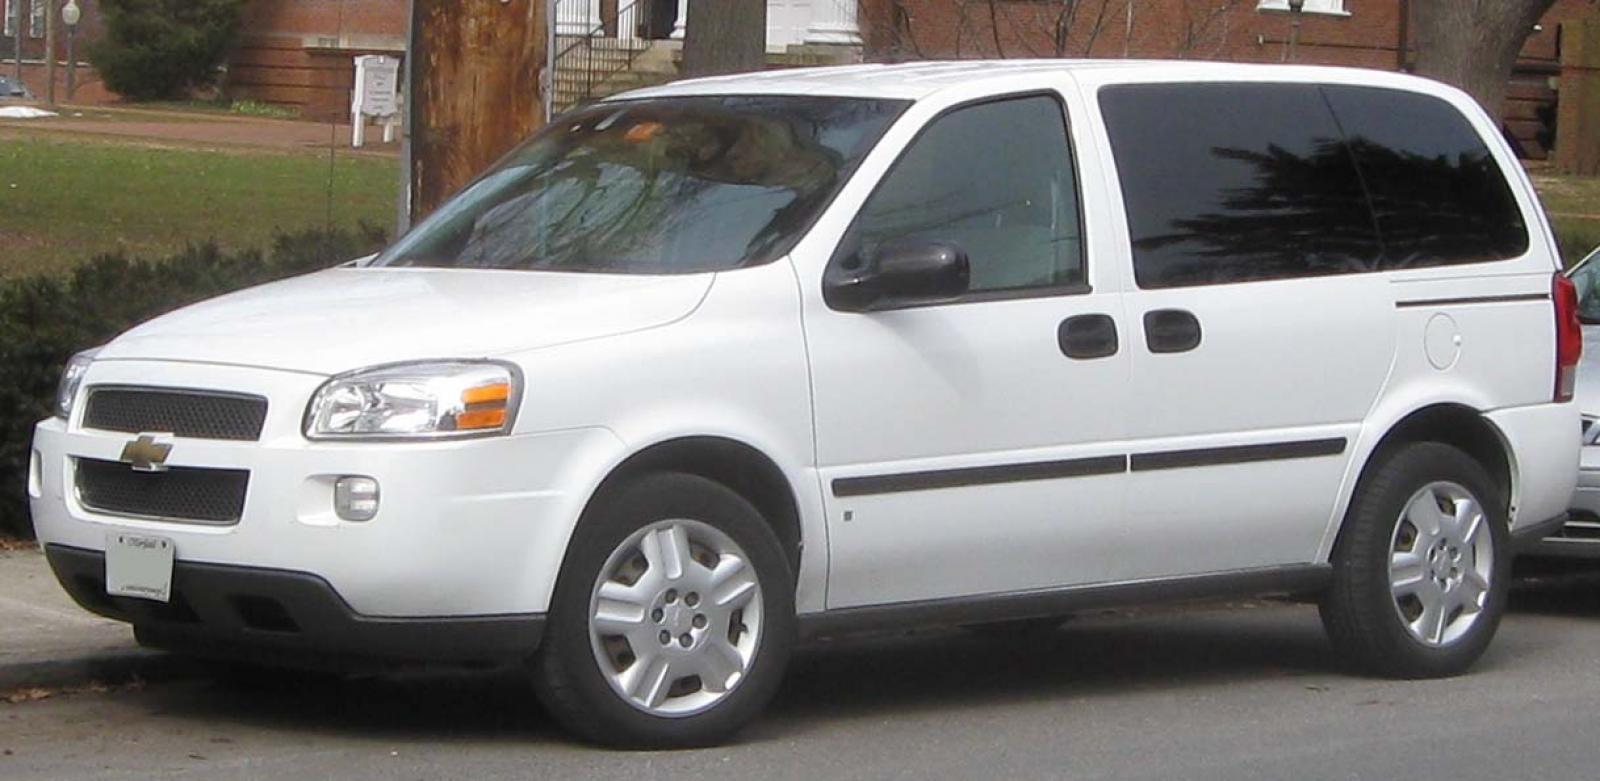 800 1024 1280 1600 Origin 2005 Chevrolet